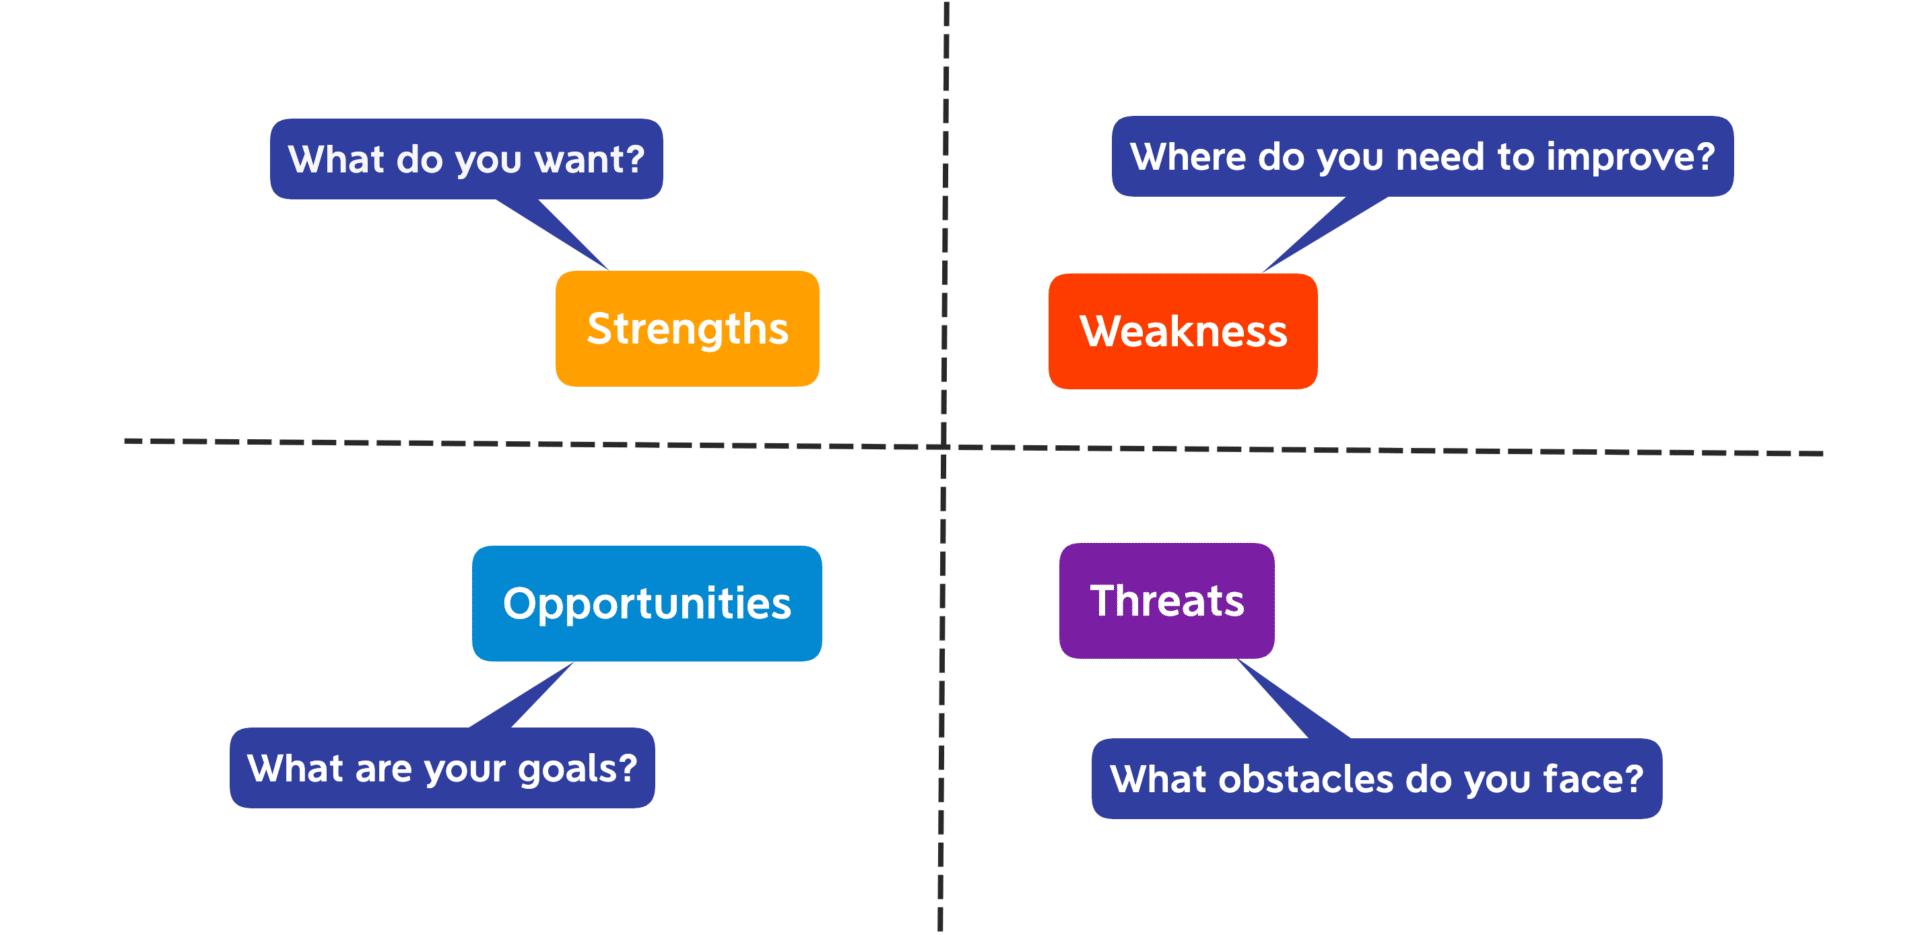 תוכנית עסקית SWOT